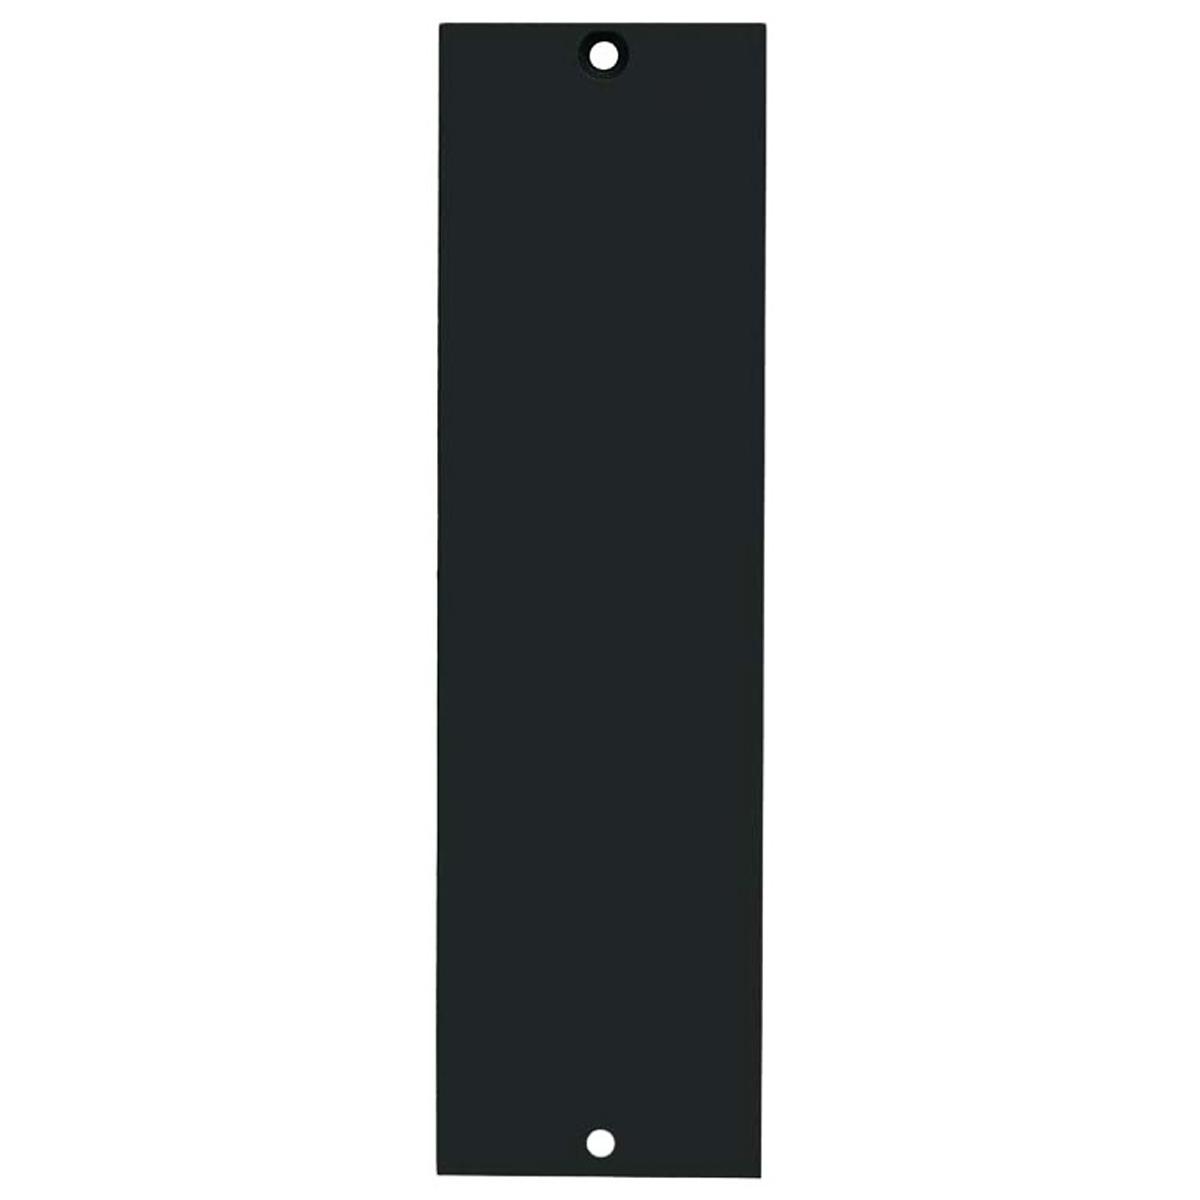 API 5B1 Blank Panel